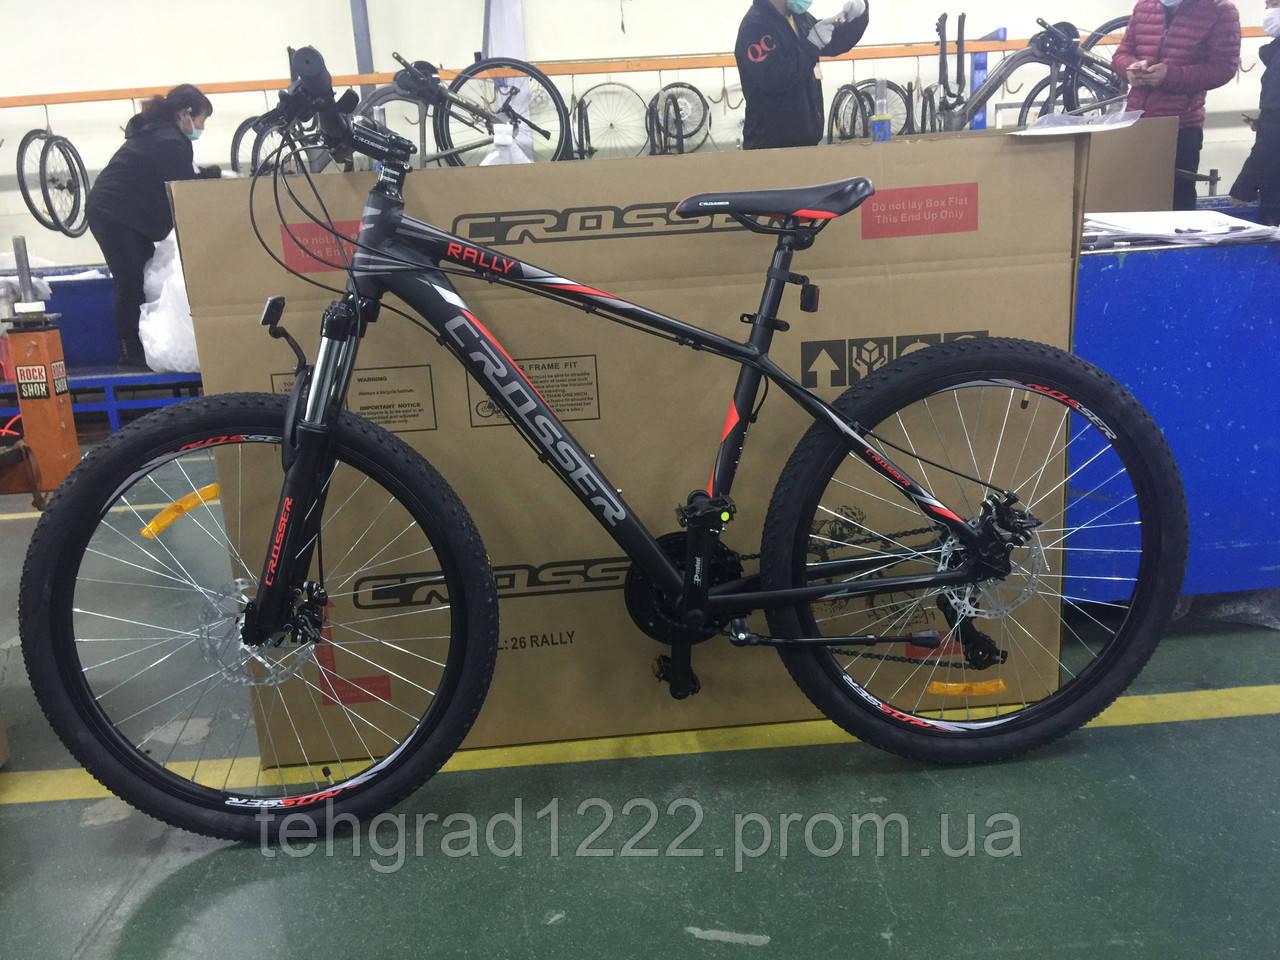 """Гірський велосипед Crosser Raly 29"""" (рама 18) чорно-червоний"""